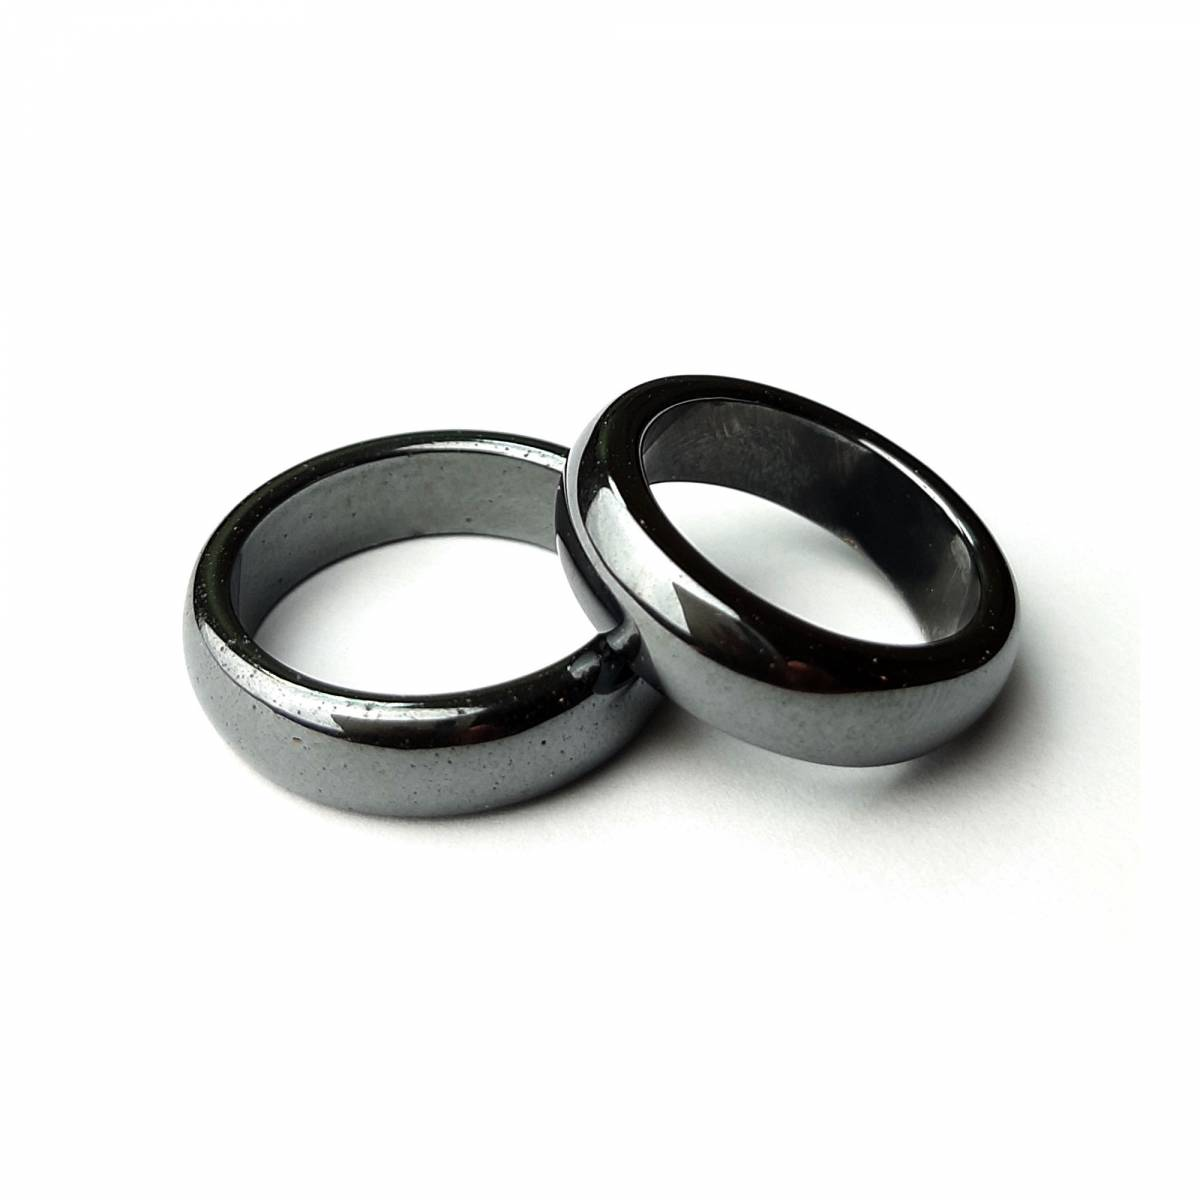 Купить кольцо из натурального камня гематит, цена Киев Украина. Кольцо из натуральных камней гематит в интернет магазине украшений Darsana